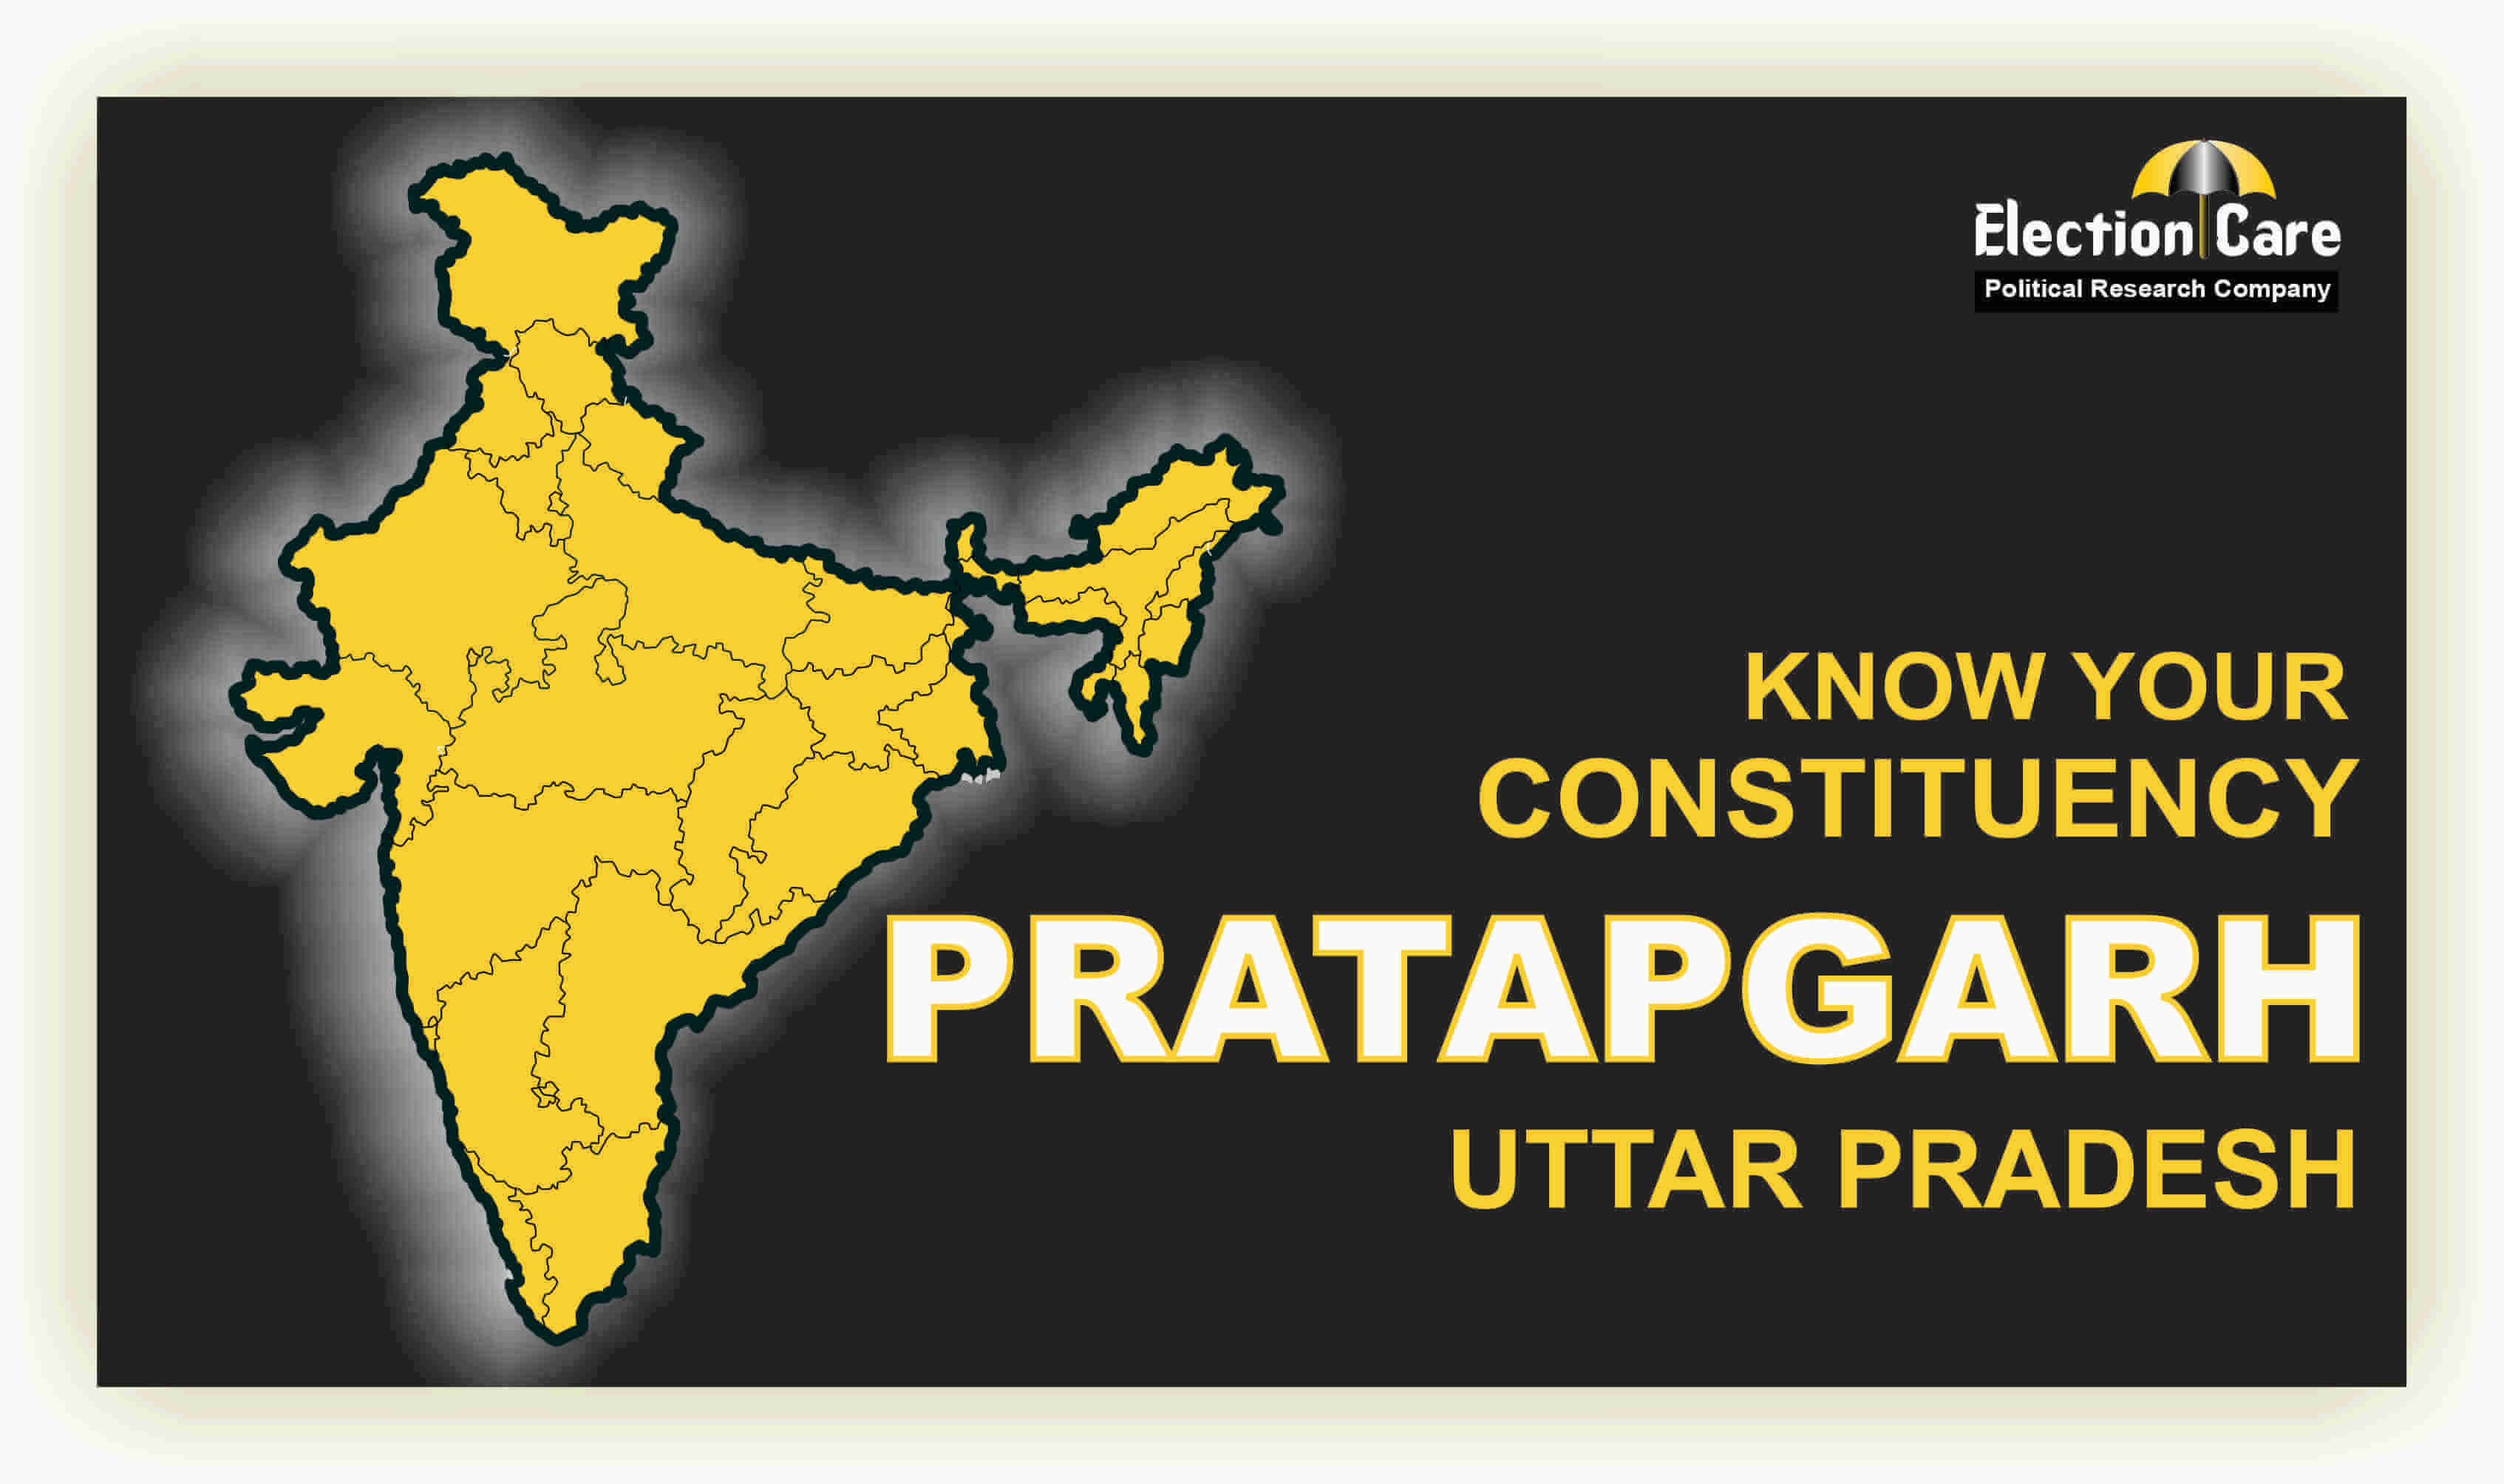 Pratapgarh Parliament Election Result